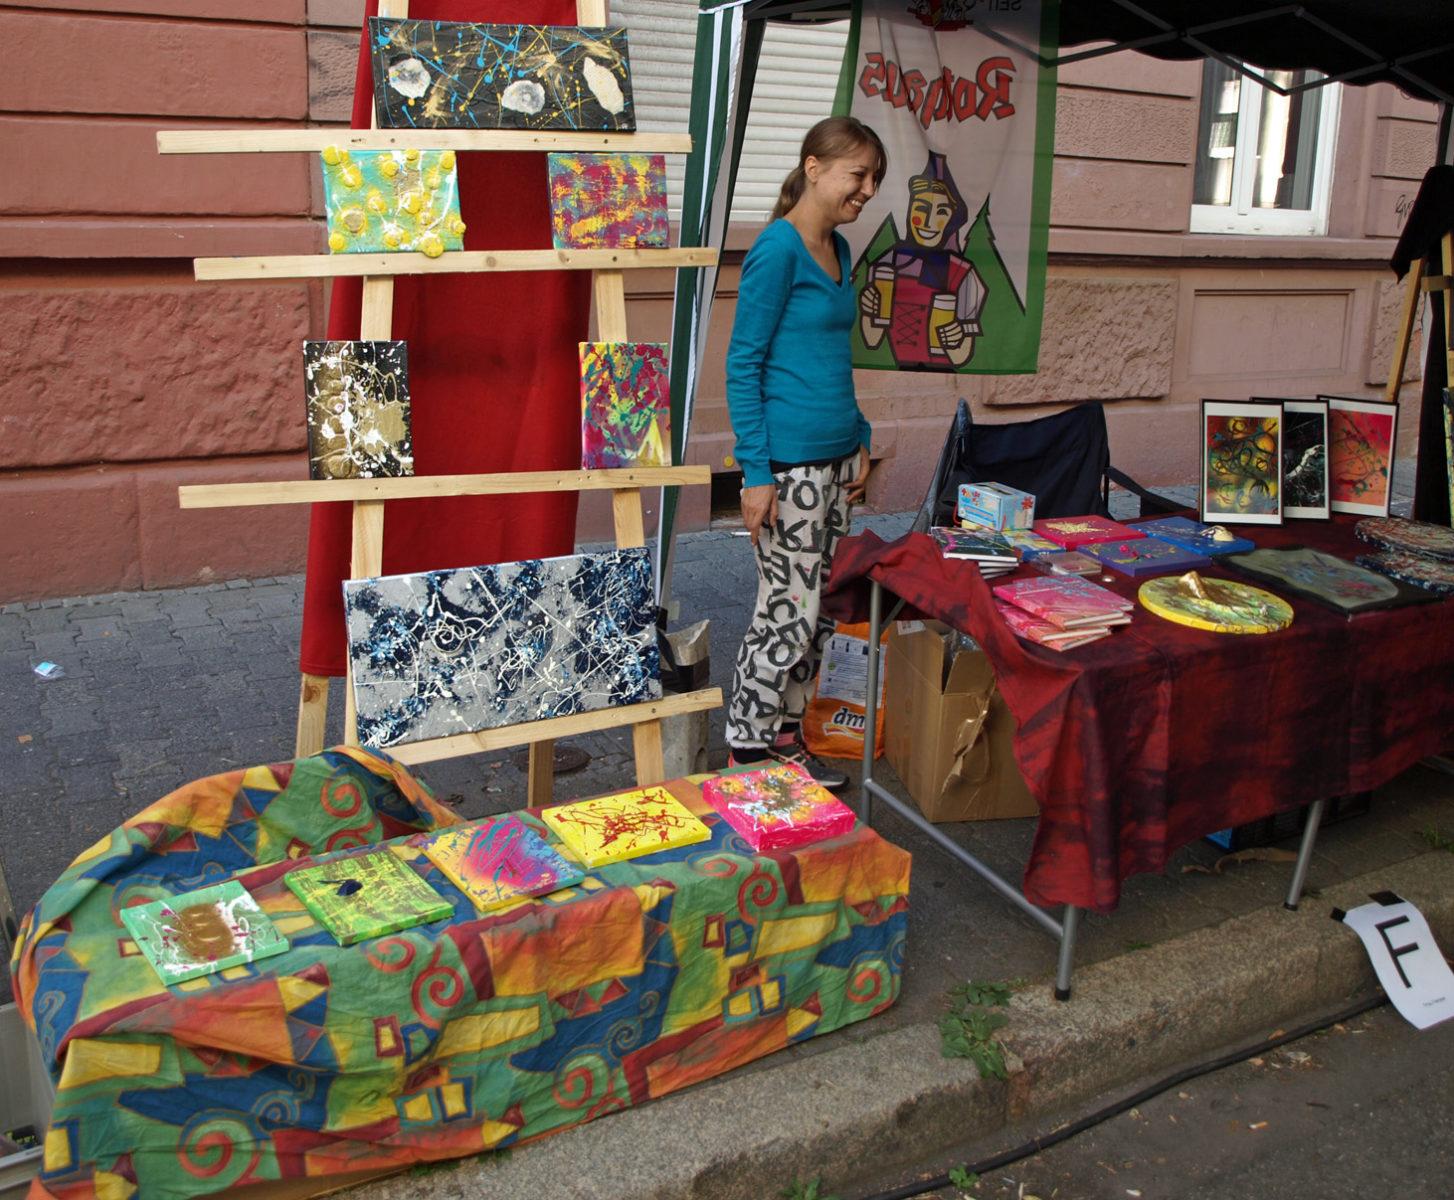 Frau Fenster an ihrem Präsentationsstand. Tisch und Ständer mit Bildern und gestalteten Gegenständen im Design von Frau Fenster mit abstrakten, farbenfrohen Mustern